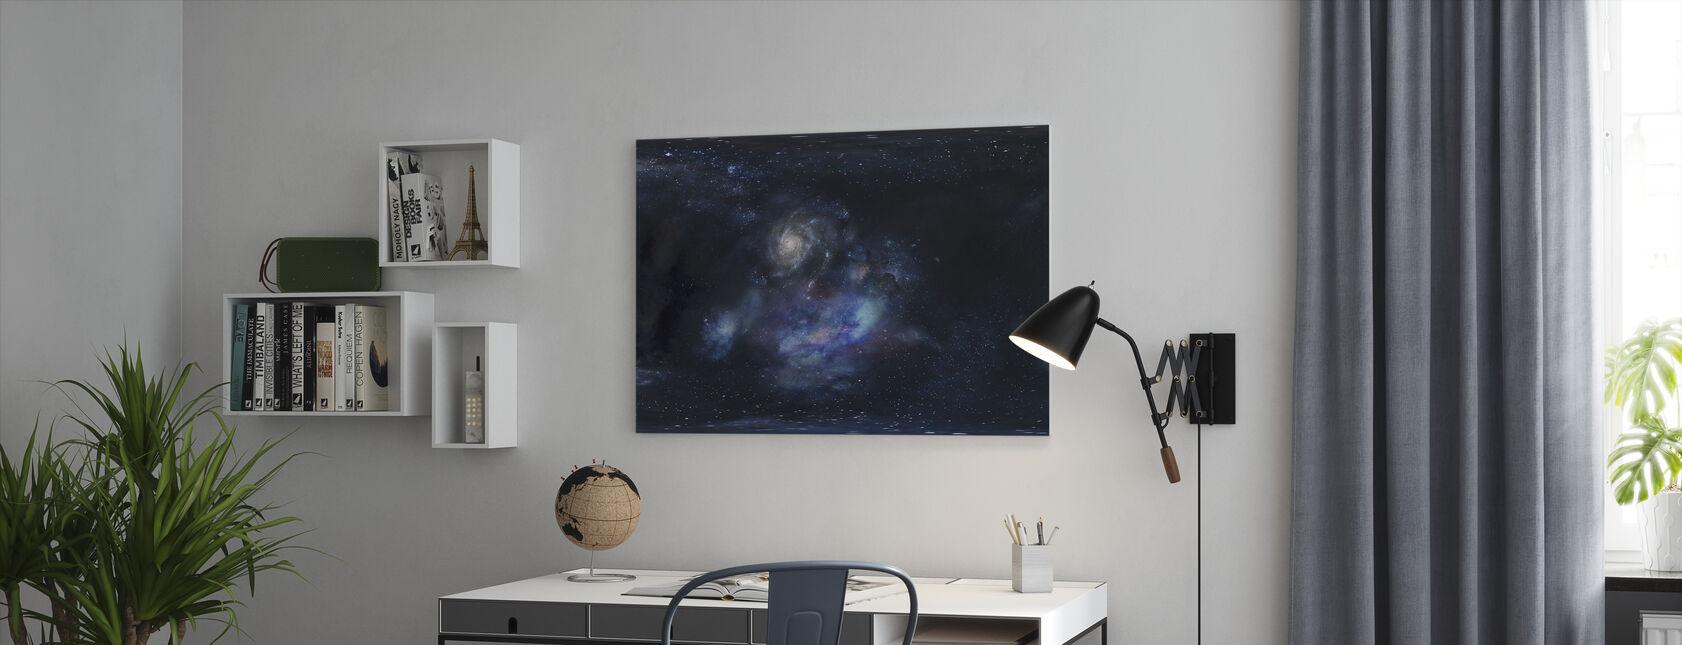 Ulompi avaruus - Canvastaulu - Toimisto